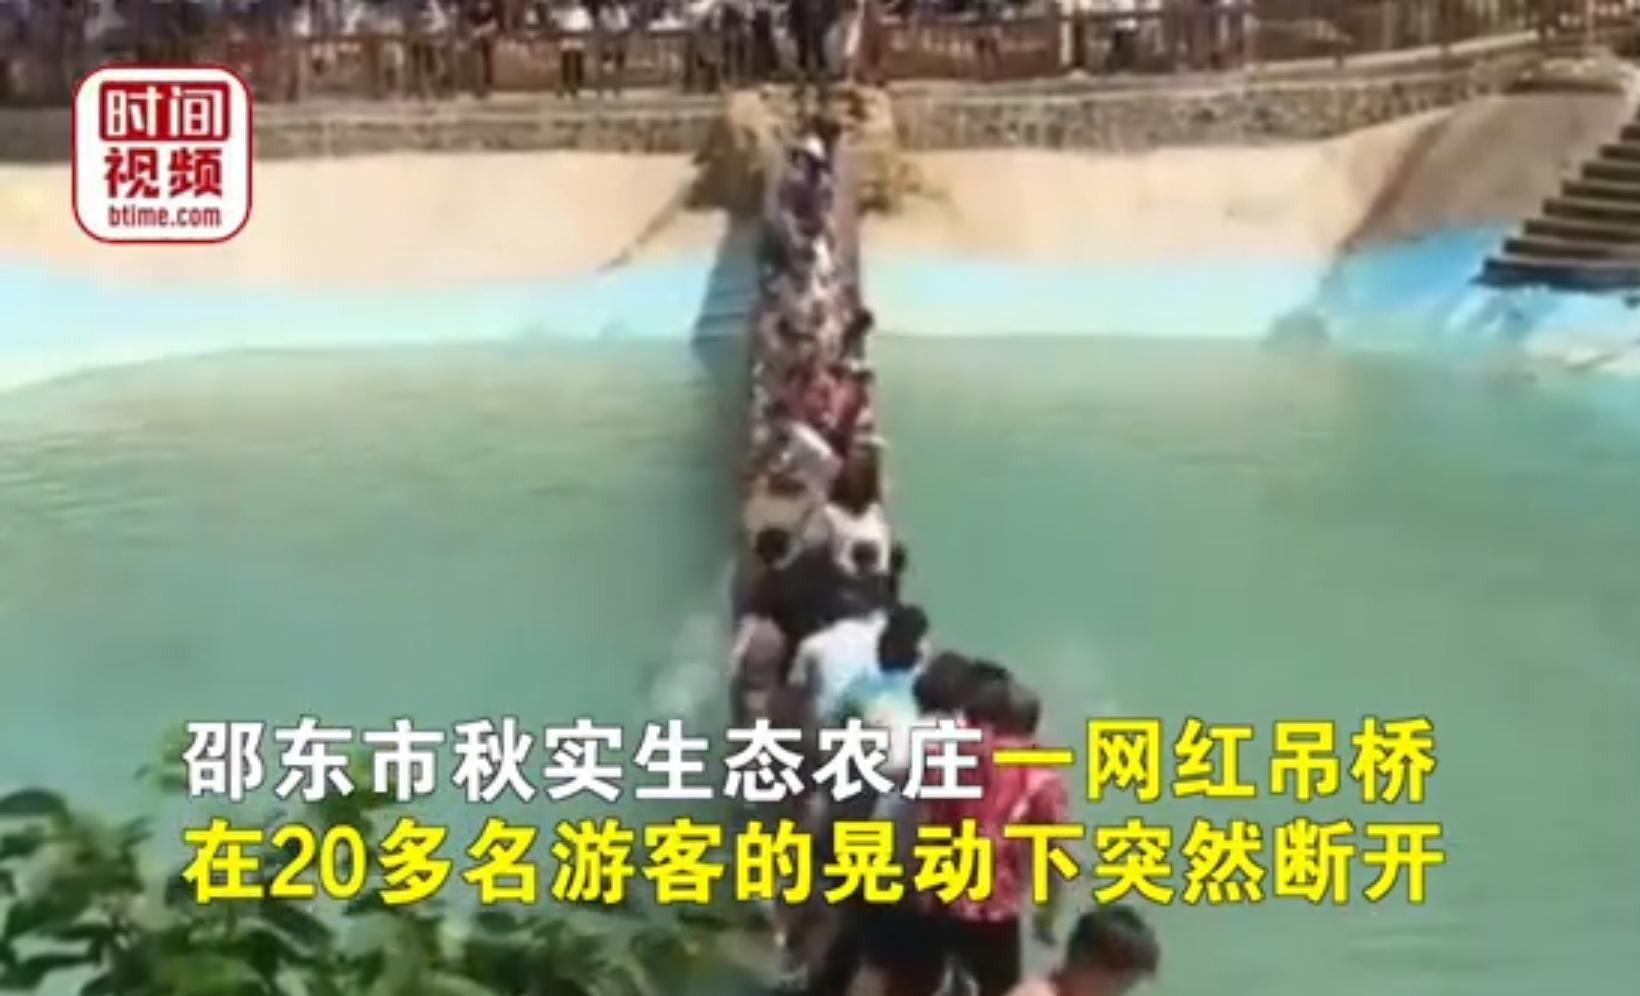 湖南一网红吊桥断裂20余人落水